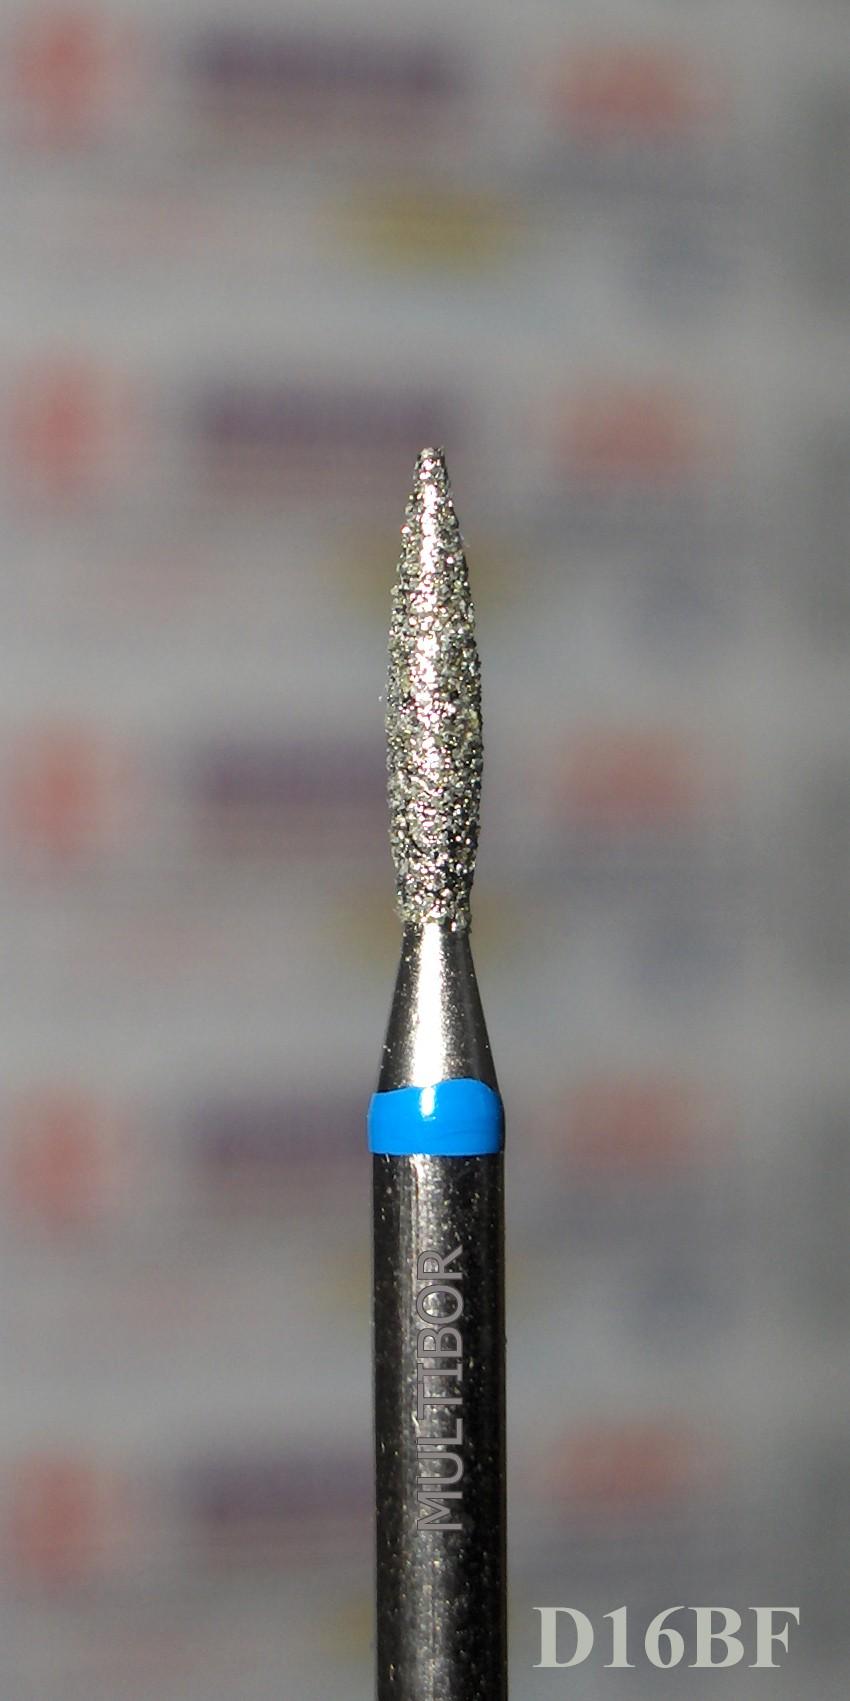 D16BF, MULTIBOR Diamond Nail Drill bit, 3/32(2.35mm), Professional ...